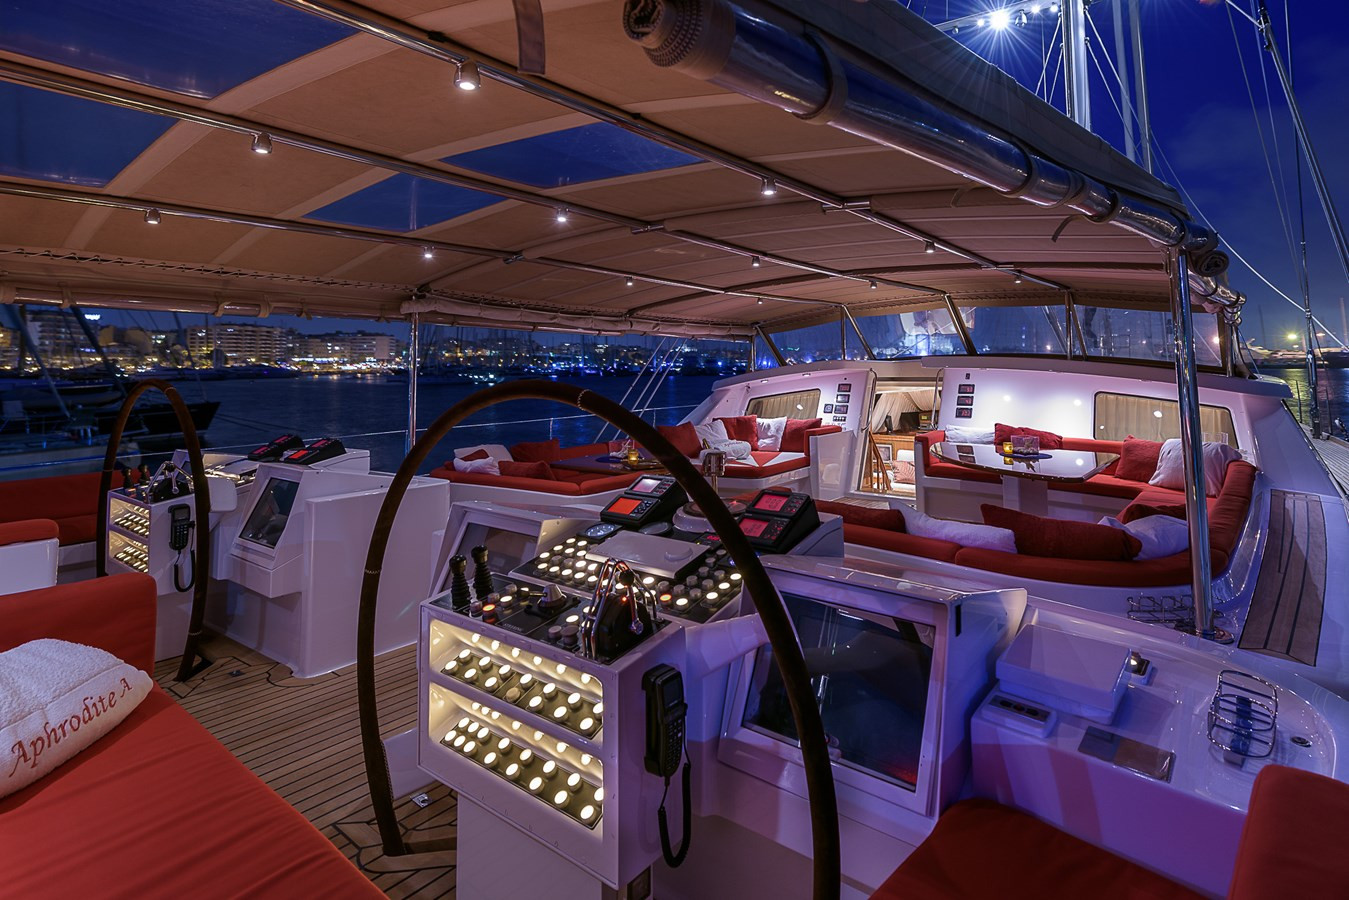 GW8_5208 1999 VITTERS Hoek Design Sloop Cruising Ketch 2887102